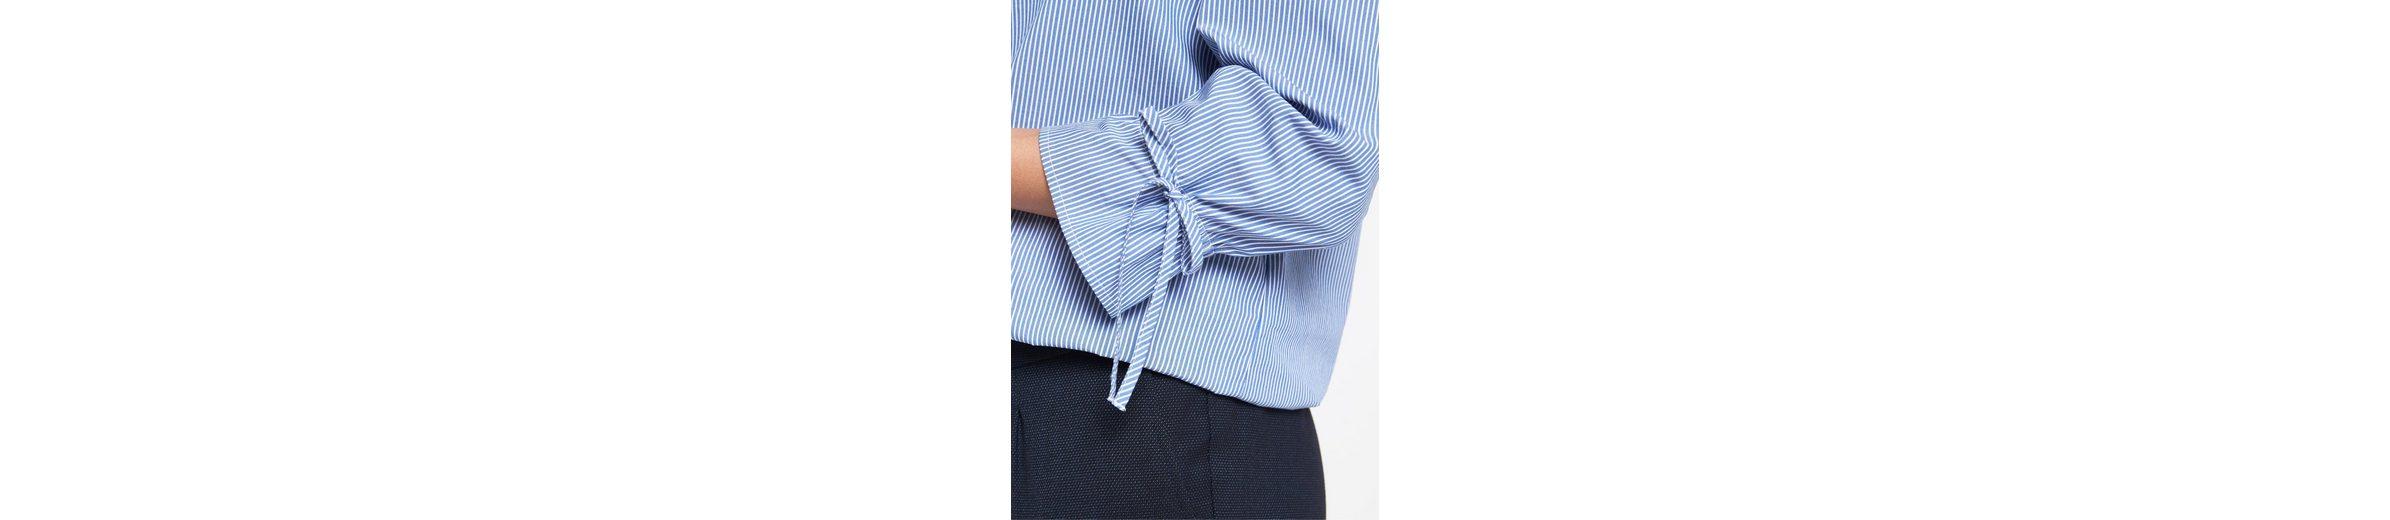 COMMA Schulterfreie Bluse mit Längsstreifenmuster Äußerst Rabatt Erkunden Bequem Online Anzuzeigen Günstigen Preis Zum Verkauf 2018 Y3cRVEG